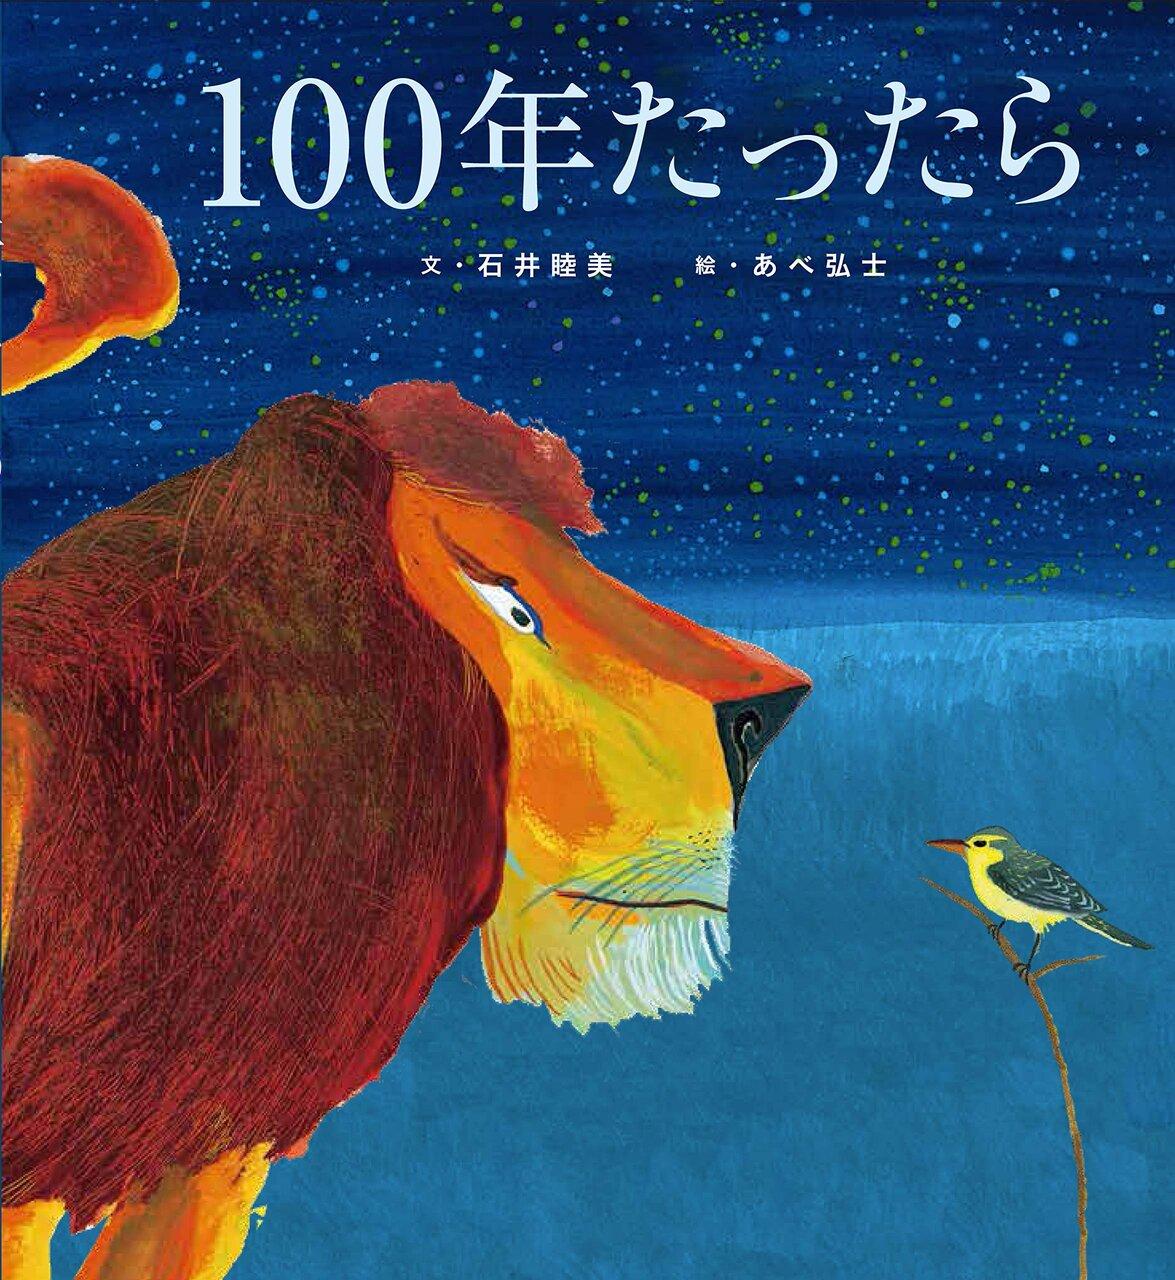 ひとりぼっちで暮らしていたライオンと、飛べなくなった鳥。ふたりがたどる、切なく壮大な物語『100年たったら』(文:石井睦美、絵:あべ弘士/アリス館)。